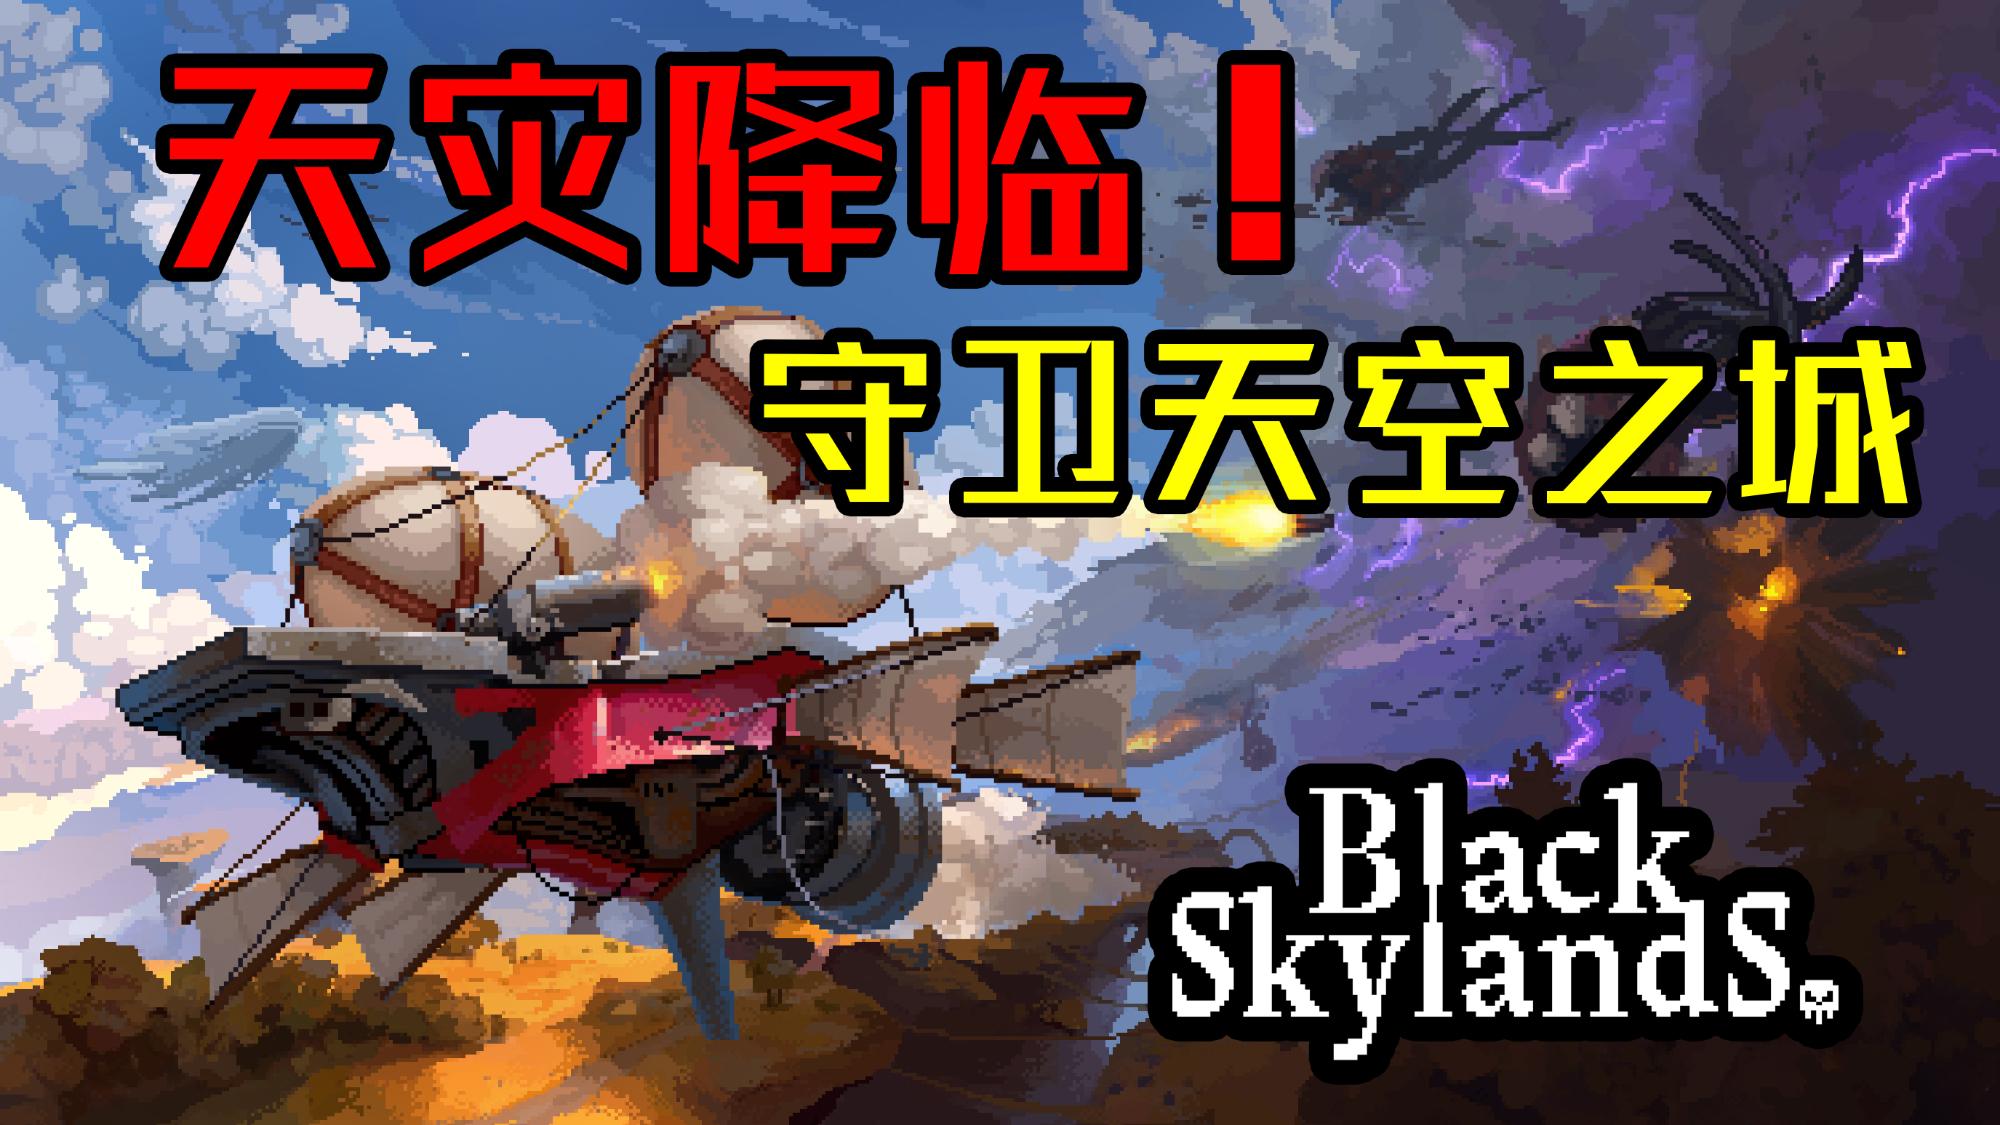 【独家】天空之城毁于一旦!驾驶飞艇解救天空国!蒸汽朋克像素风-Black Skylands【QPC】